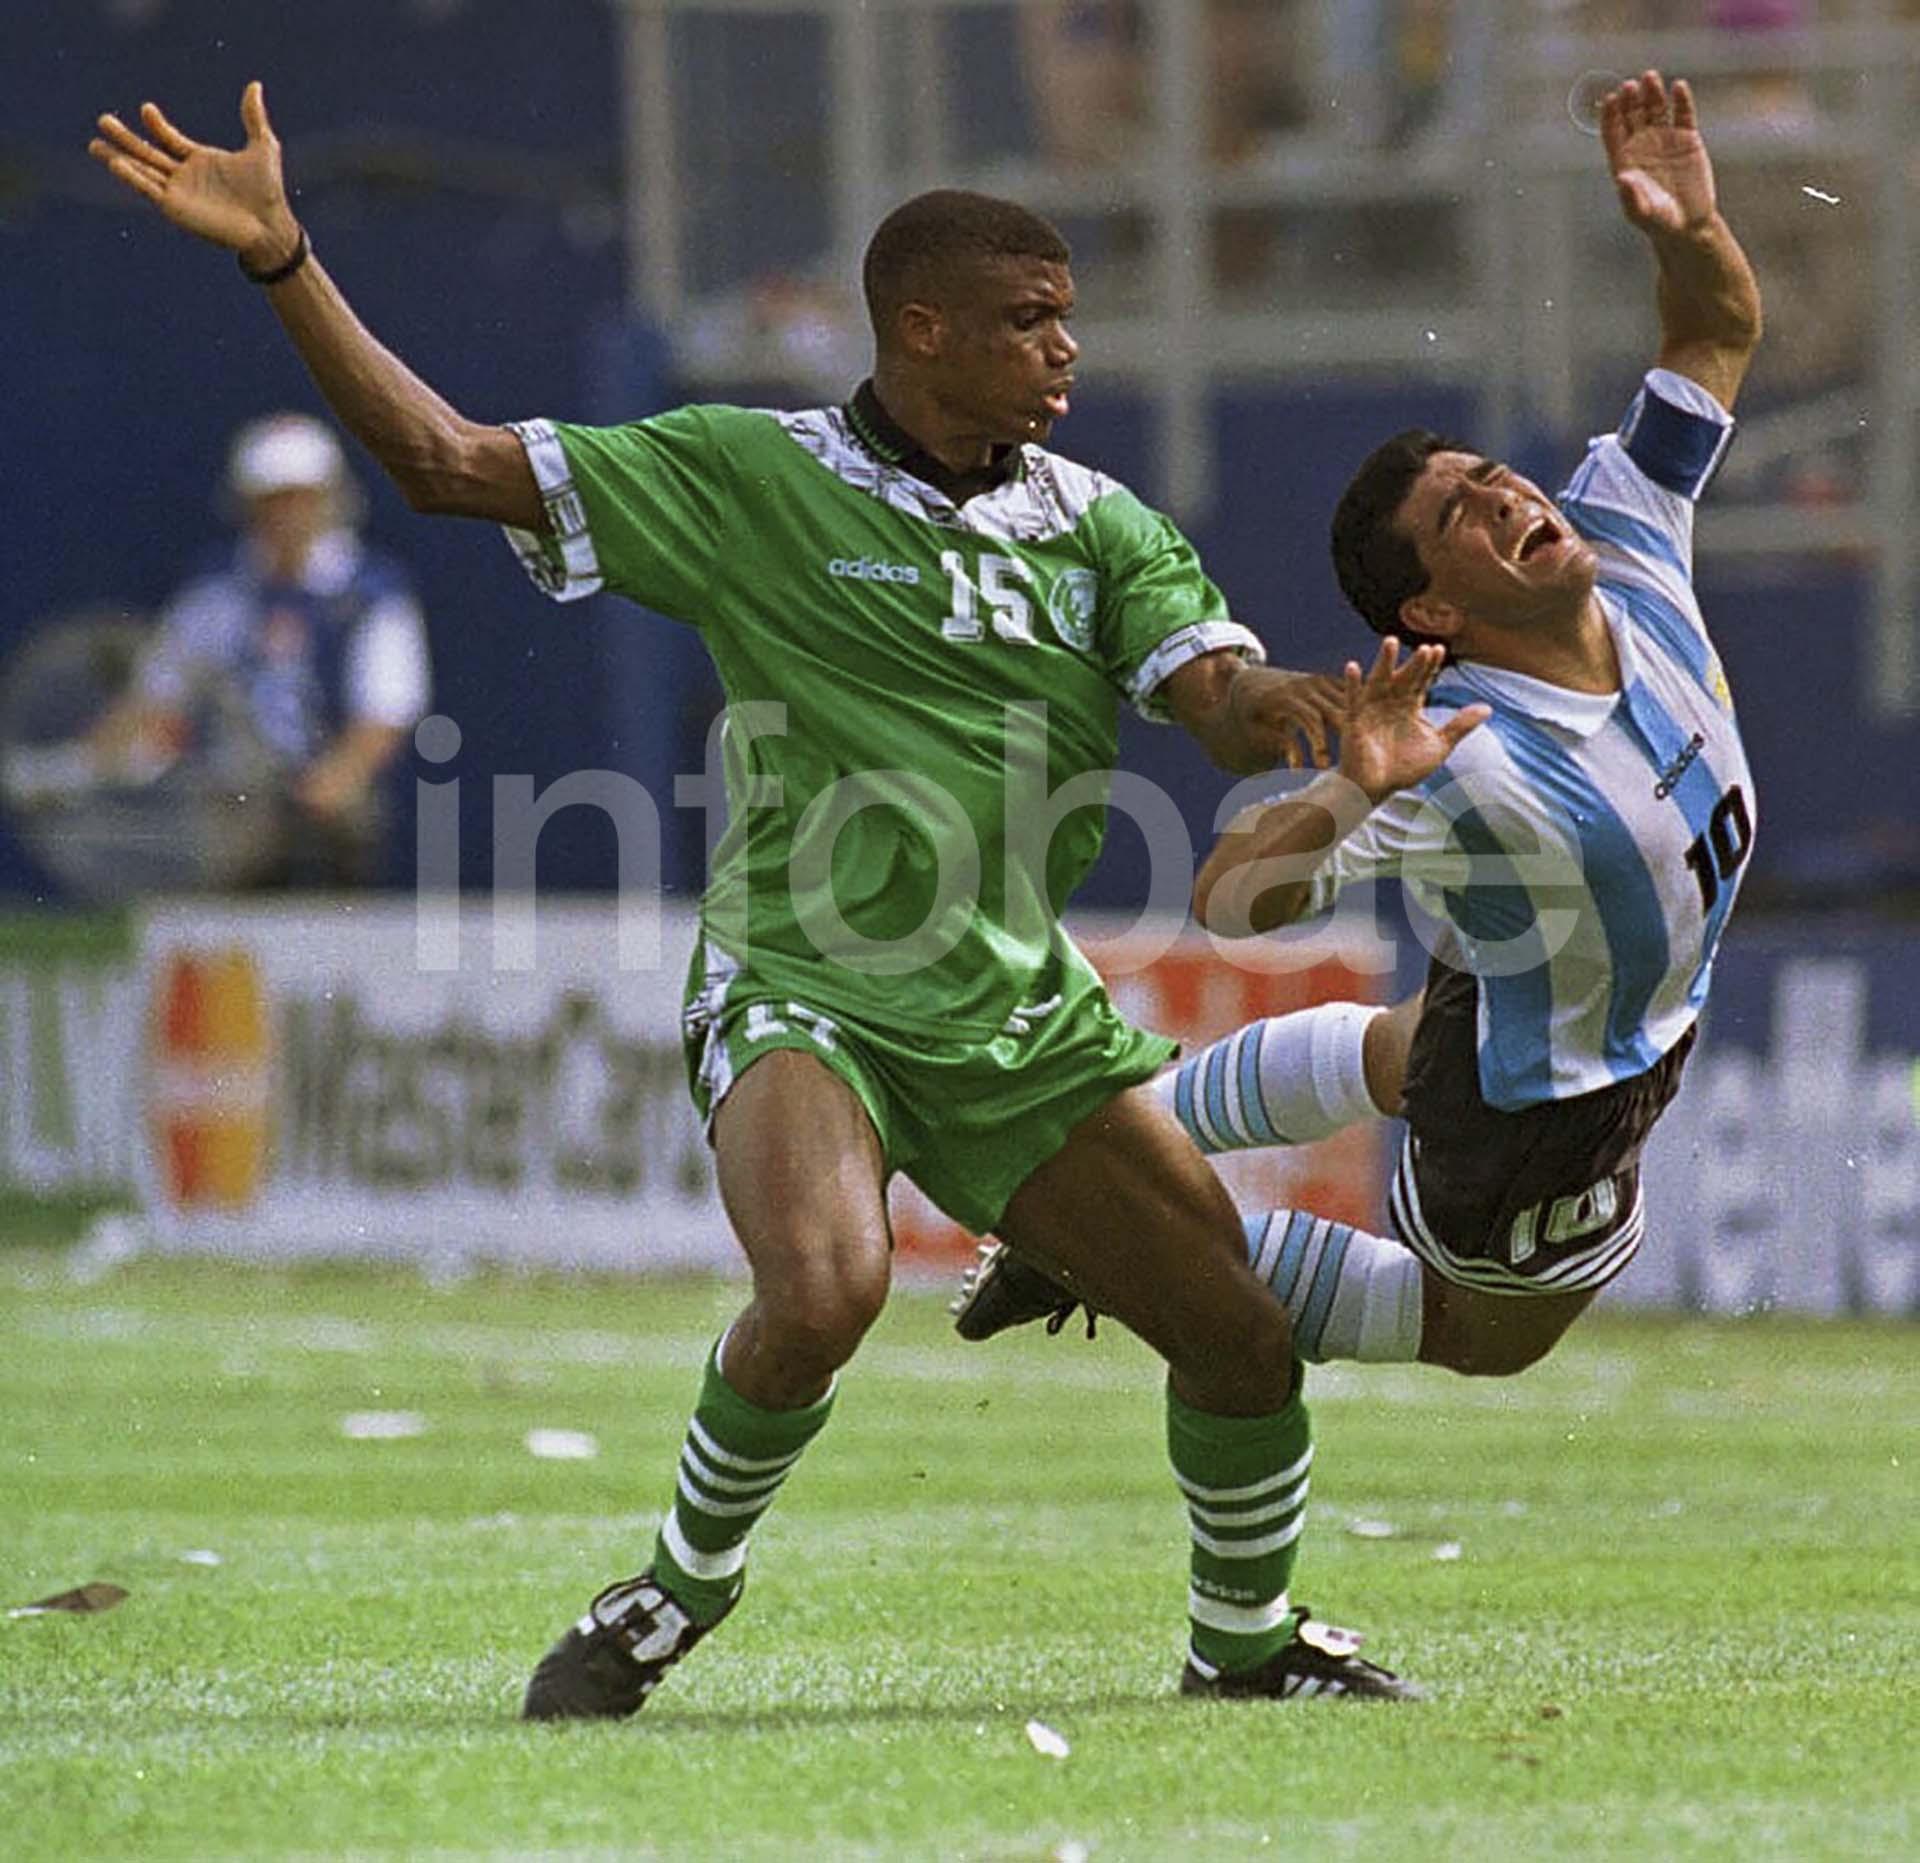 Diego Maradona sufre una falta en el partido ante Nigeria en Estados Unidos 1994. Luego daría positivo en el control antidoping y se perdería el resto del torneo